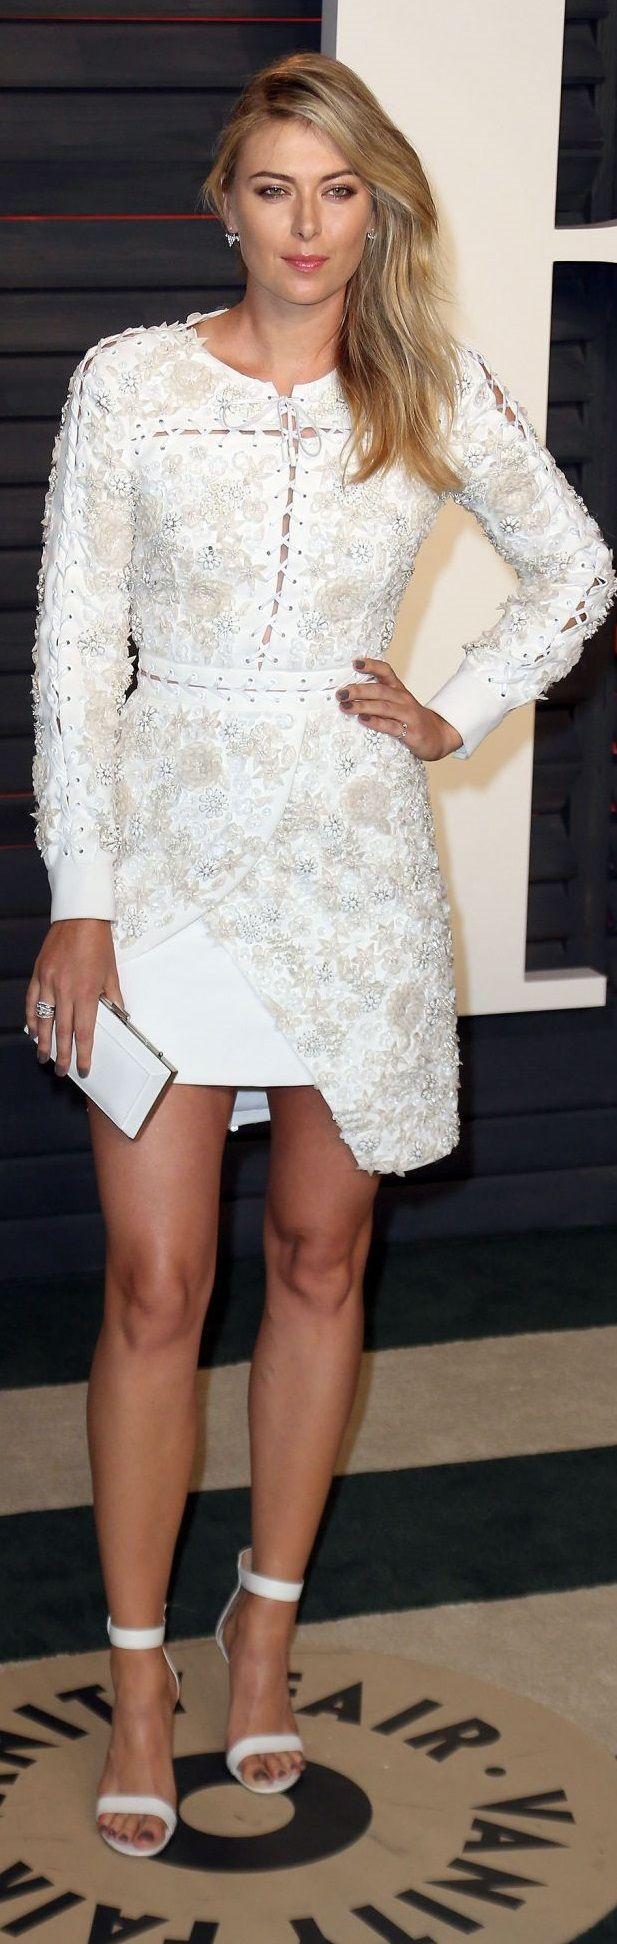 Maria Sharapova – 2016 Vanity Fair Oscar Party in Beverly Hills, CA